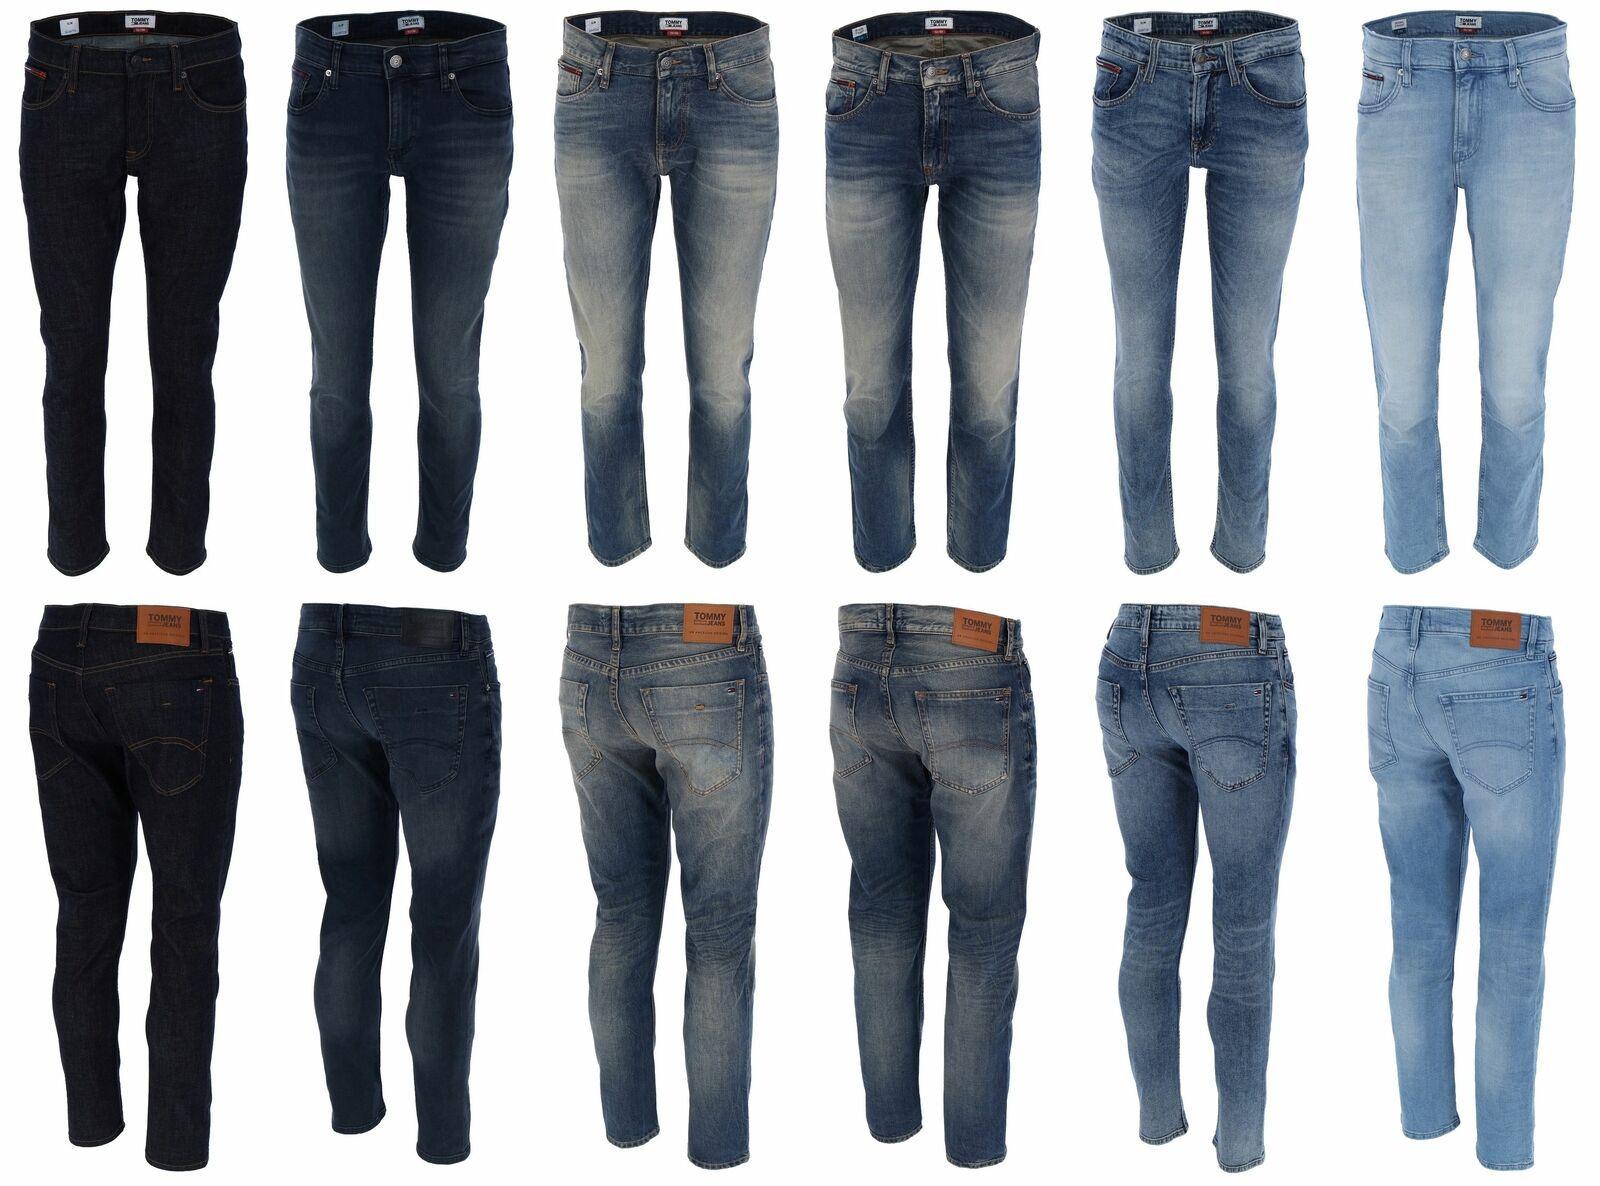 Tommy Hilfiger Herren Stretch Jeans Scanton Slim Fit für 54,90€ (statt 63€)